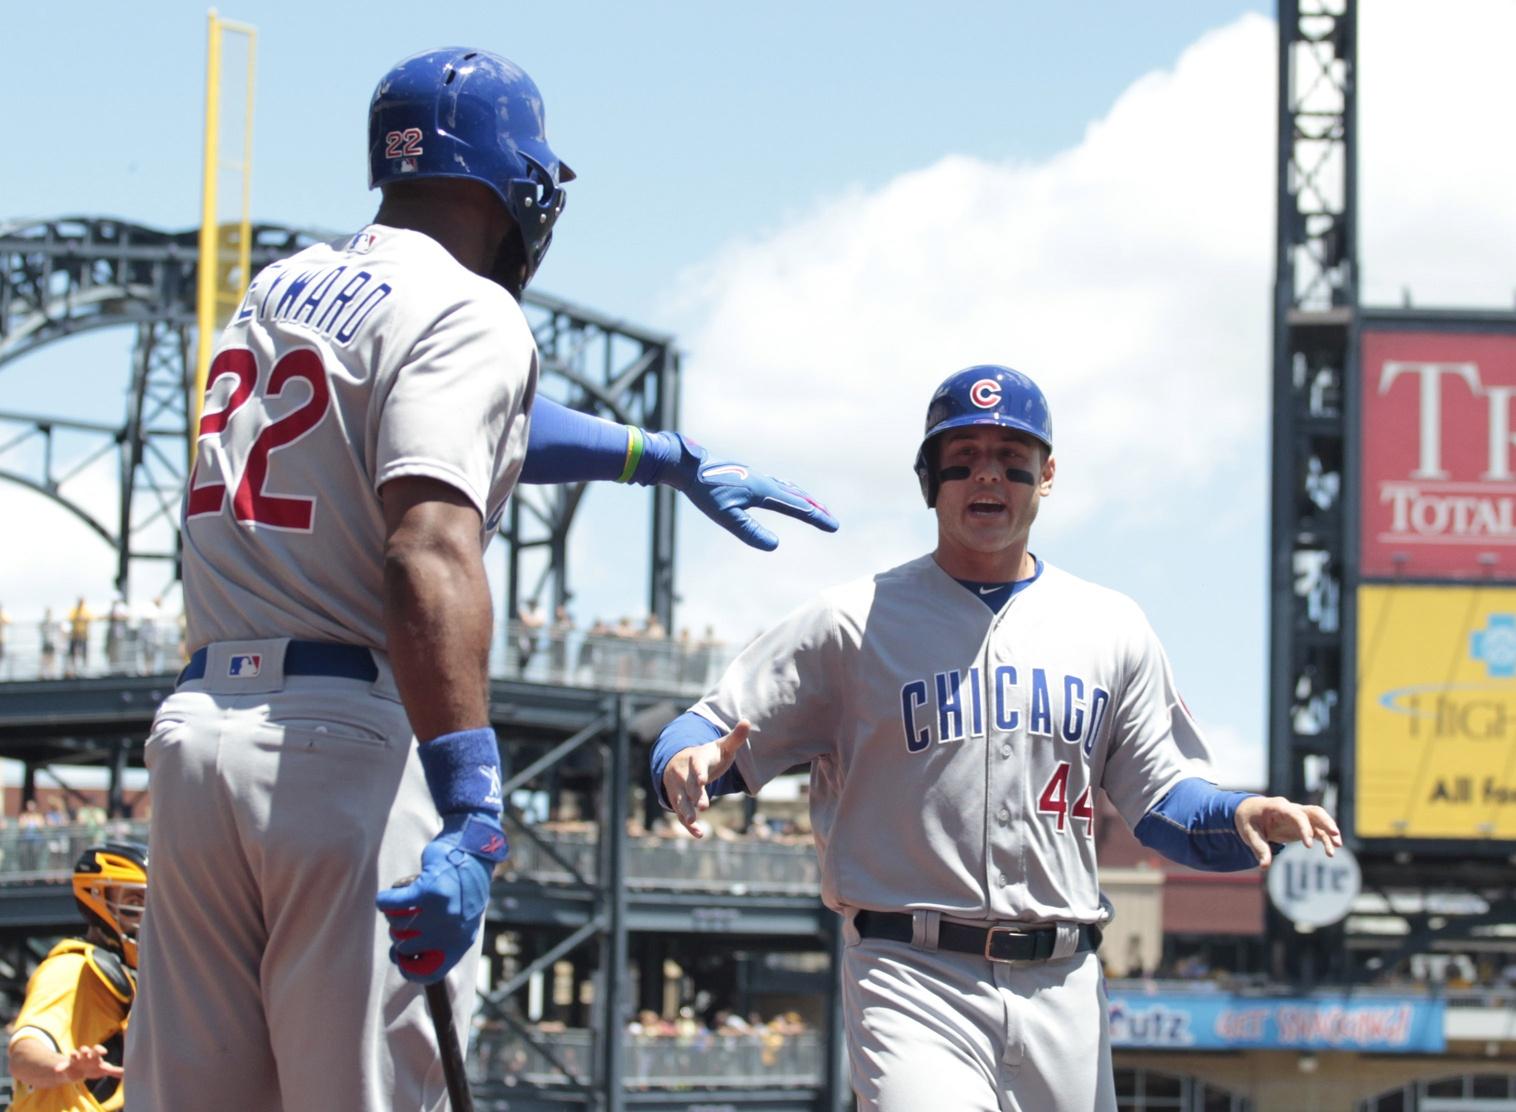 MLB stars, Anthony Rizzo